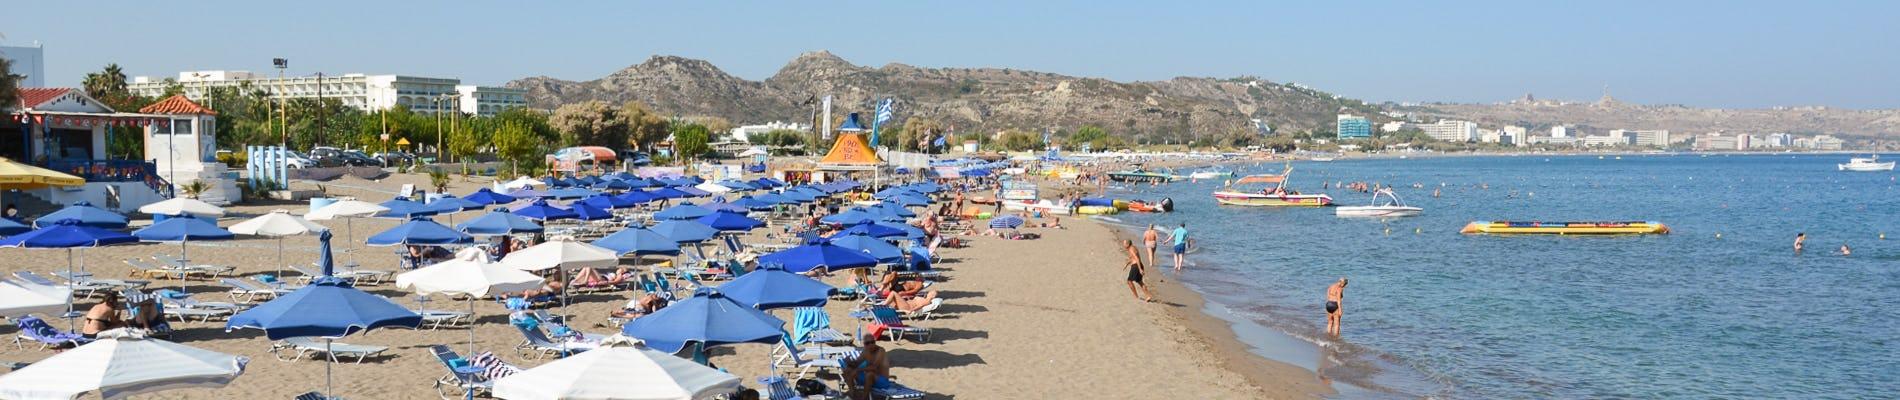 Apollo Beach Resort Hotel